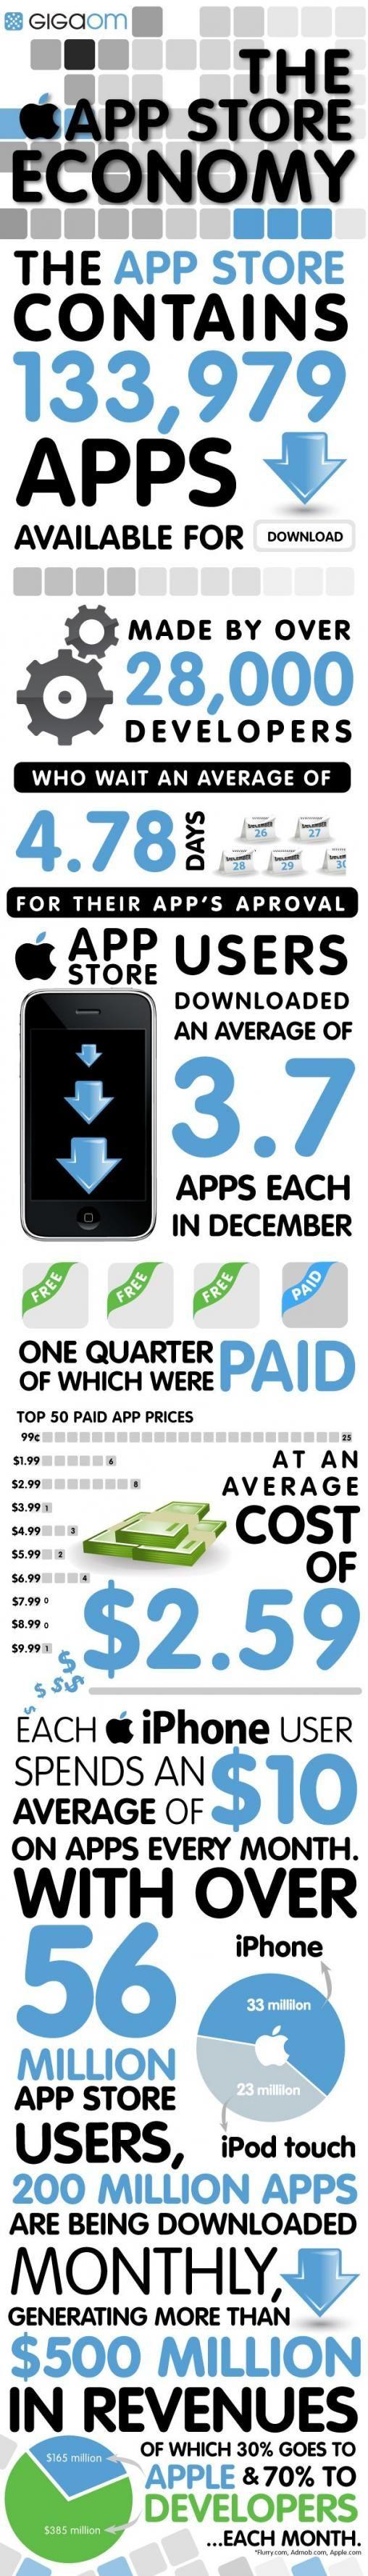 go-app-store-r7